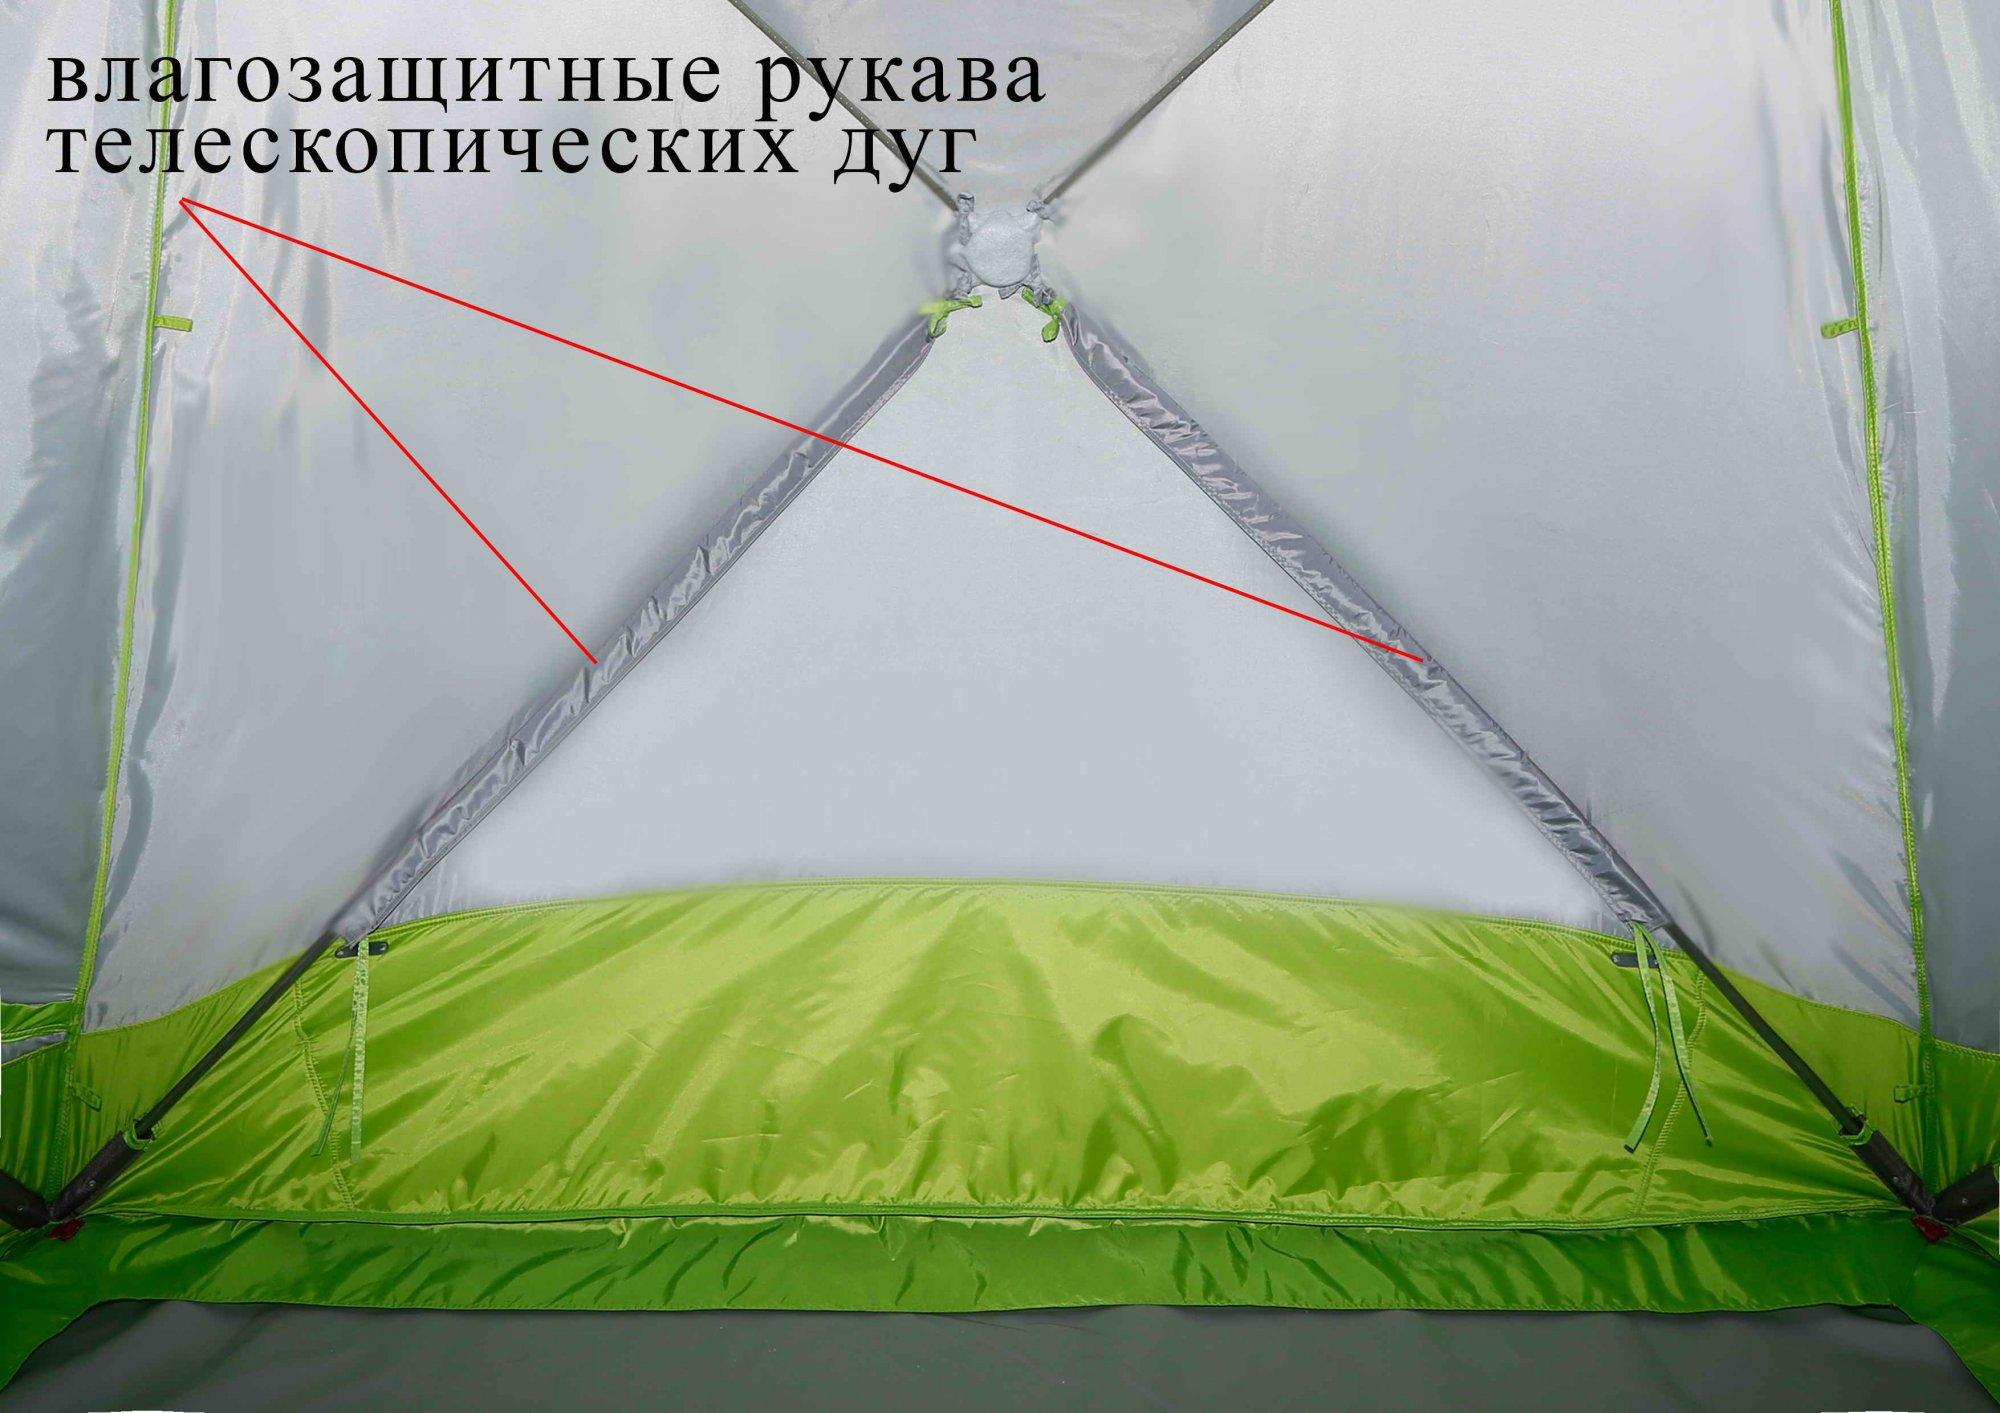 Зимняя палатка ЛОТОС Куб М2 Термо_влагозащитные рукава телескопических дуг